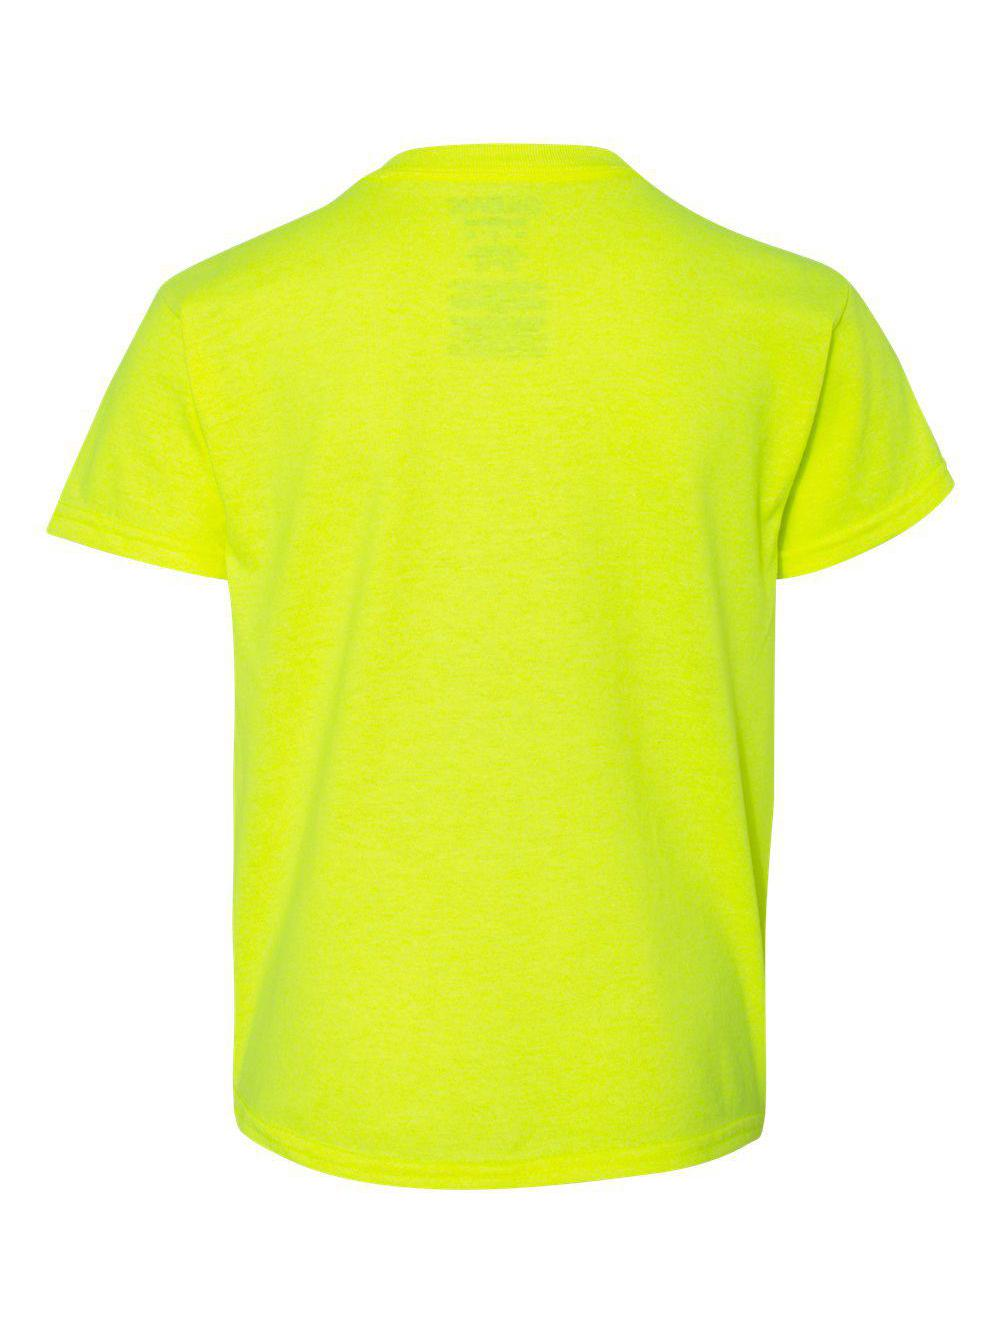 Gildan-DryBlend-Youth-50-50-T-Shirt-8000B thumbnail 85